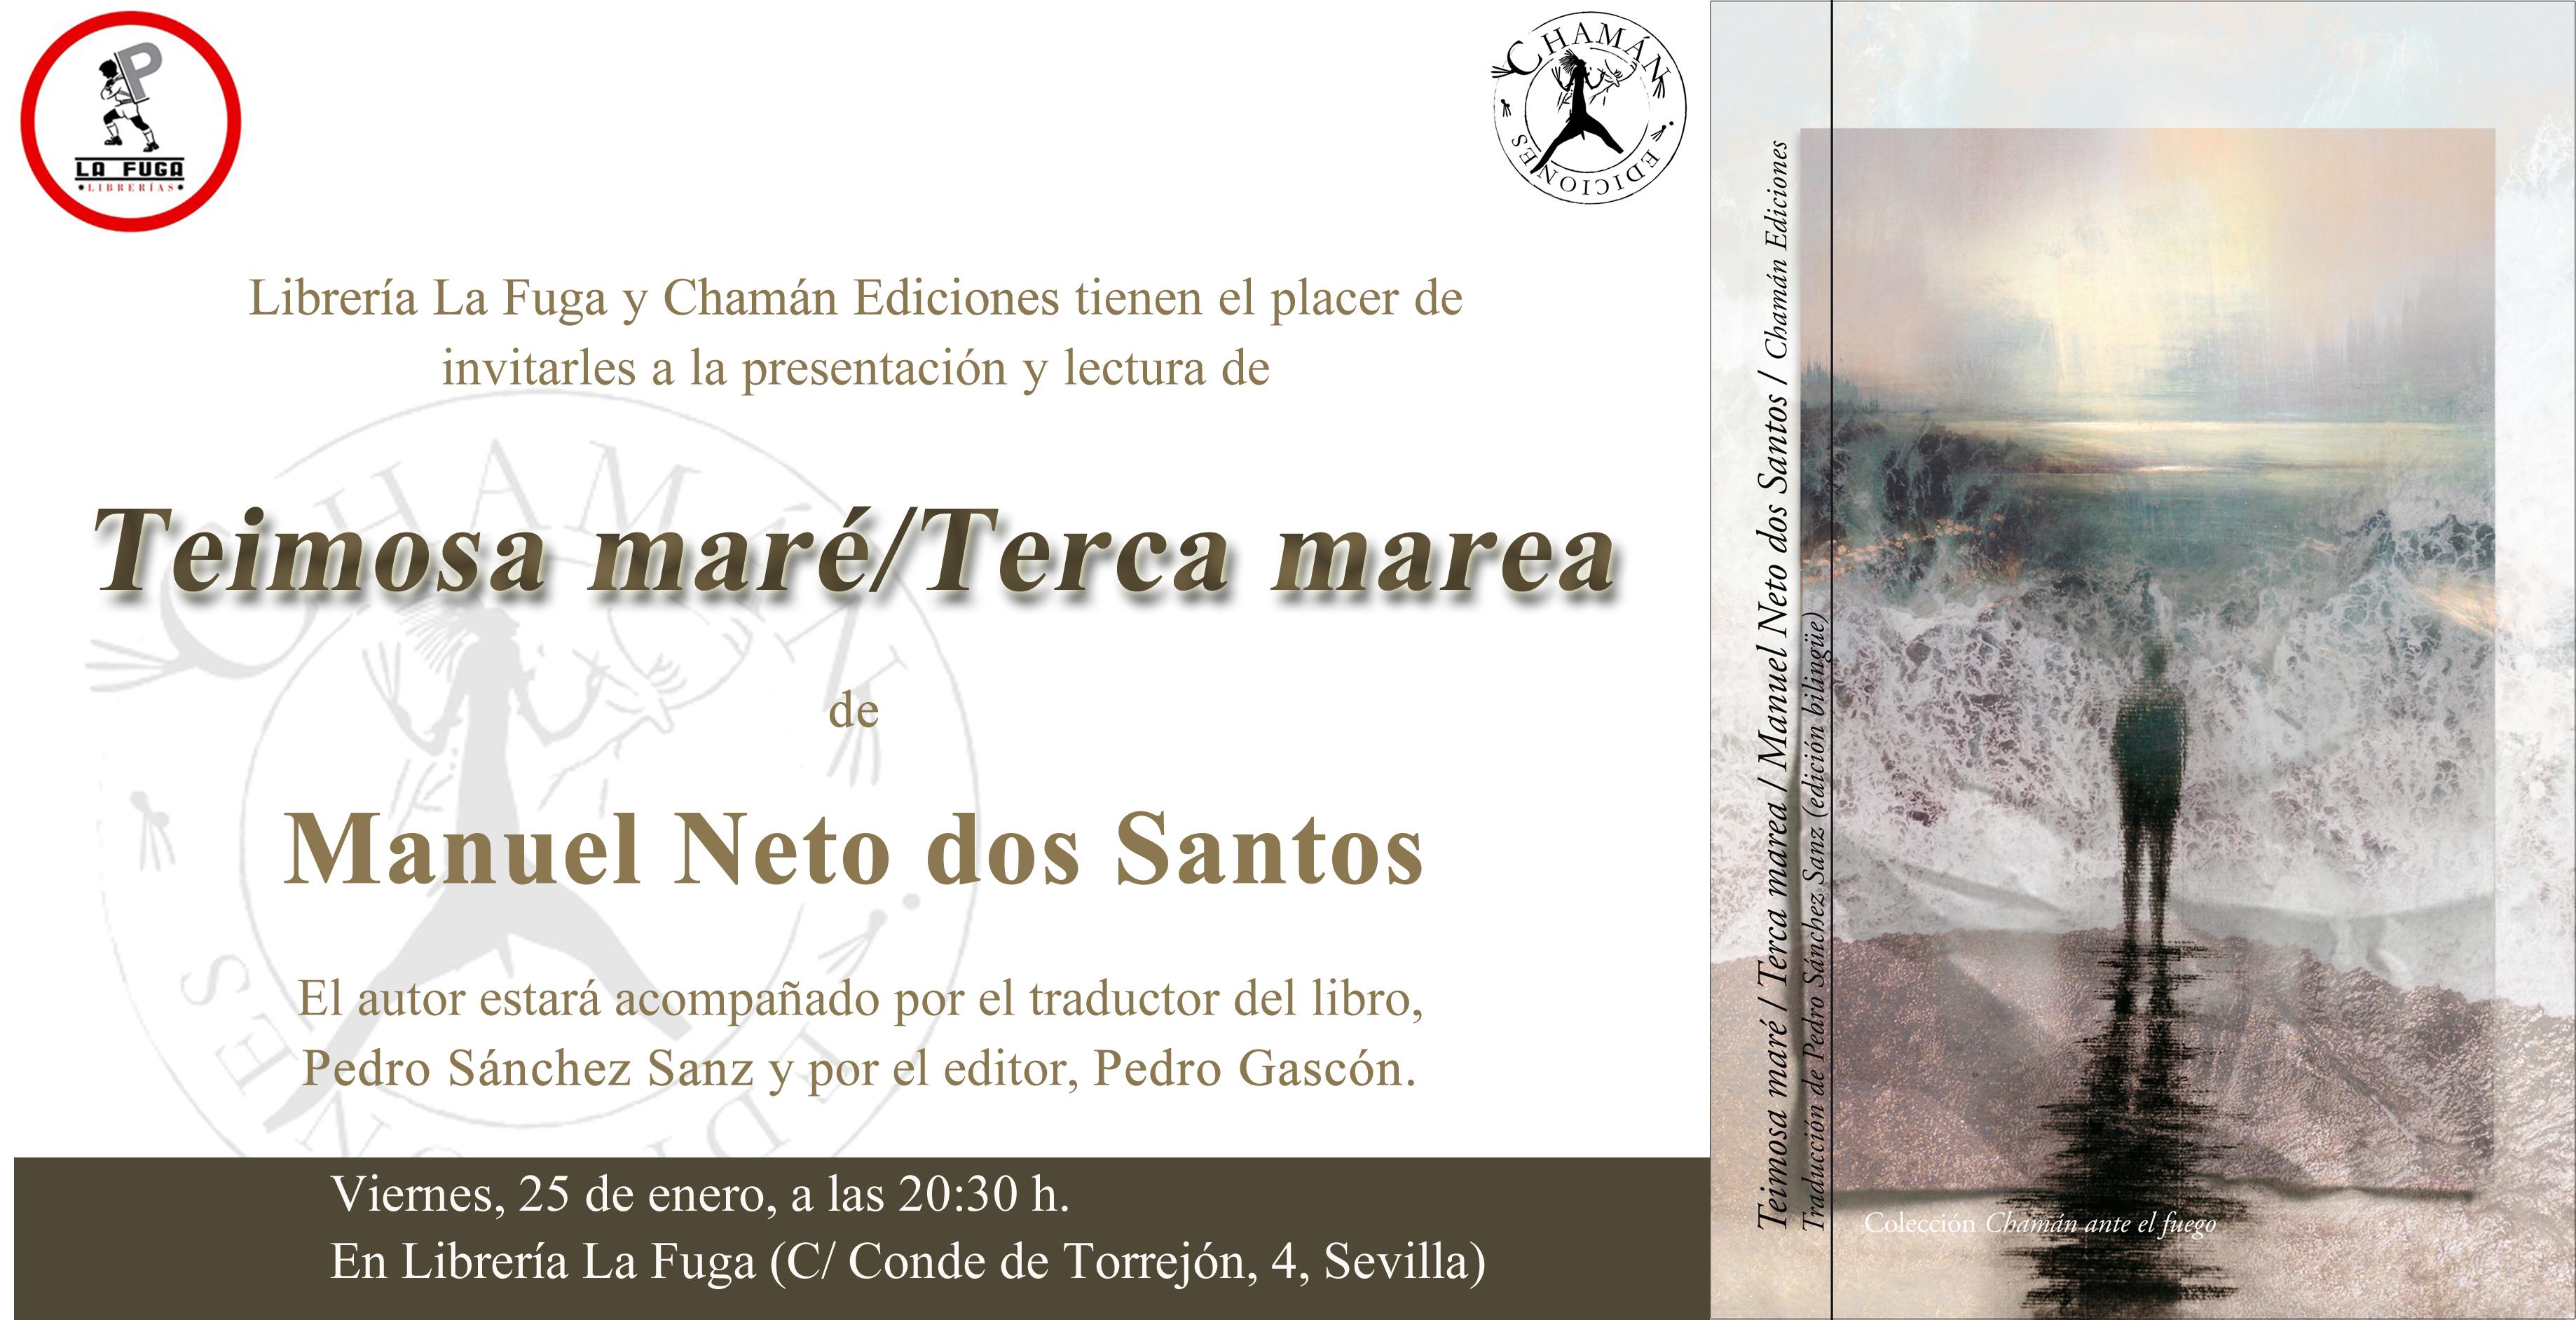 Invitación Terca marea Sevilla